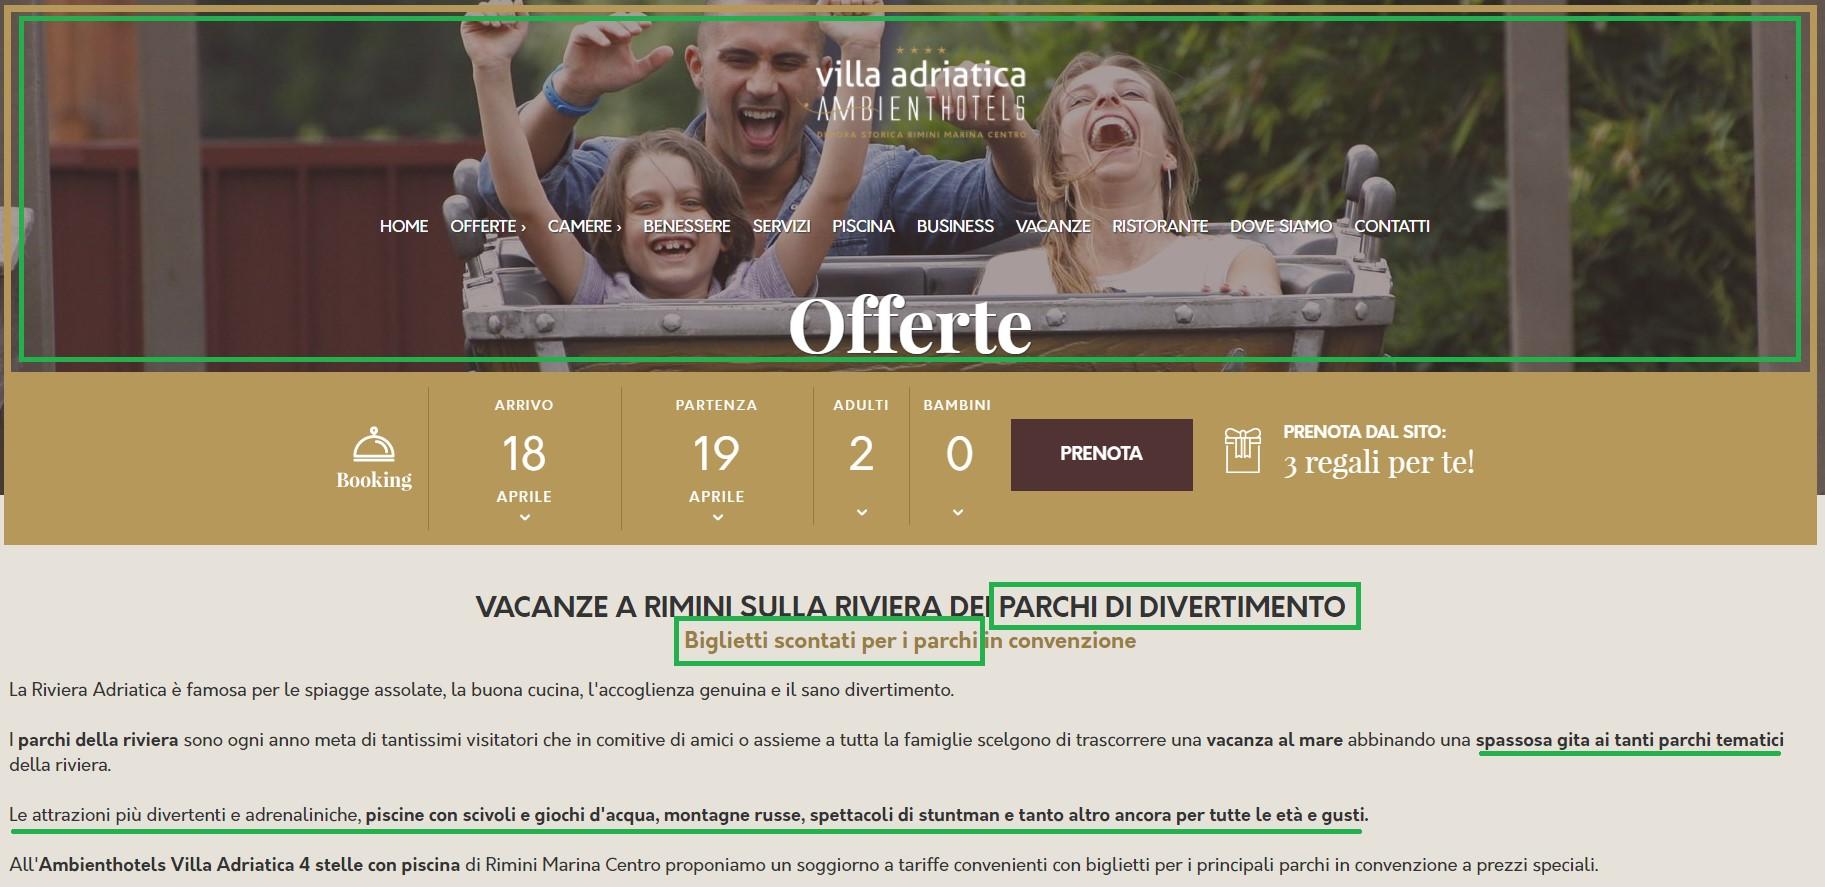 offerte-ambienthotels-villa-adriatica